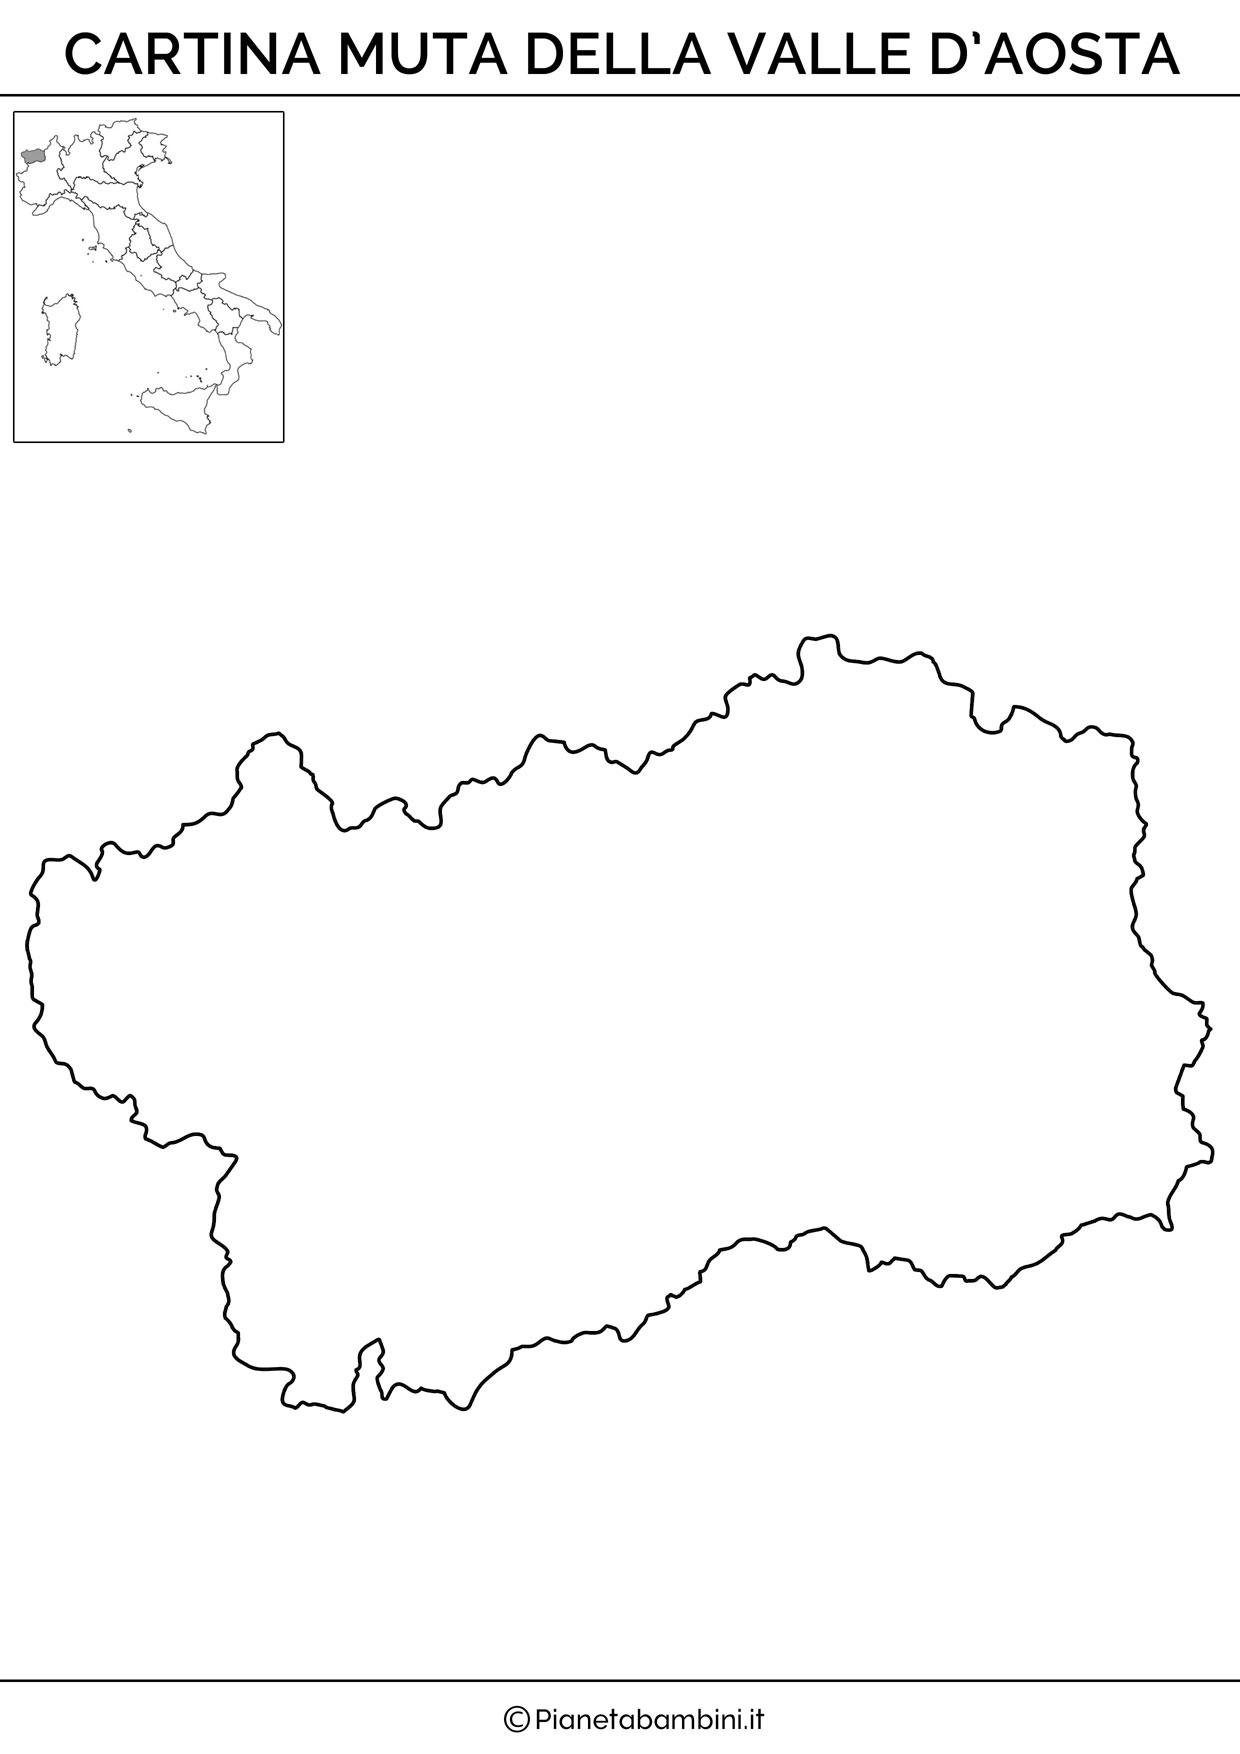 Cartina Geografica Piemonte Valle D Aosta.Cartina Muta Fisica E Politica Della Valle D Aosta Da Stampare Pianetabambini It